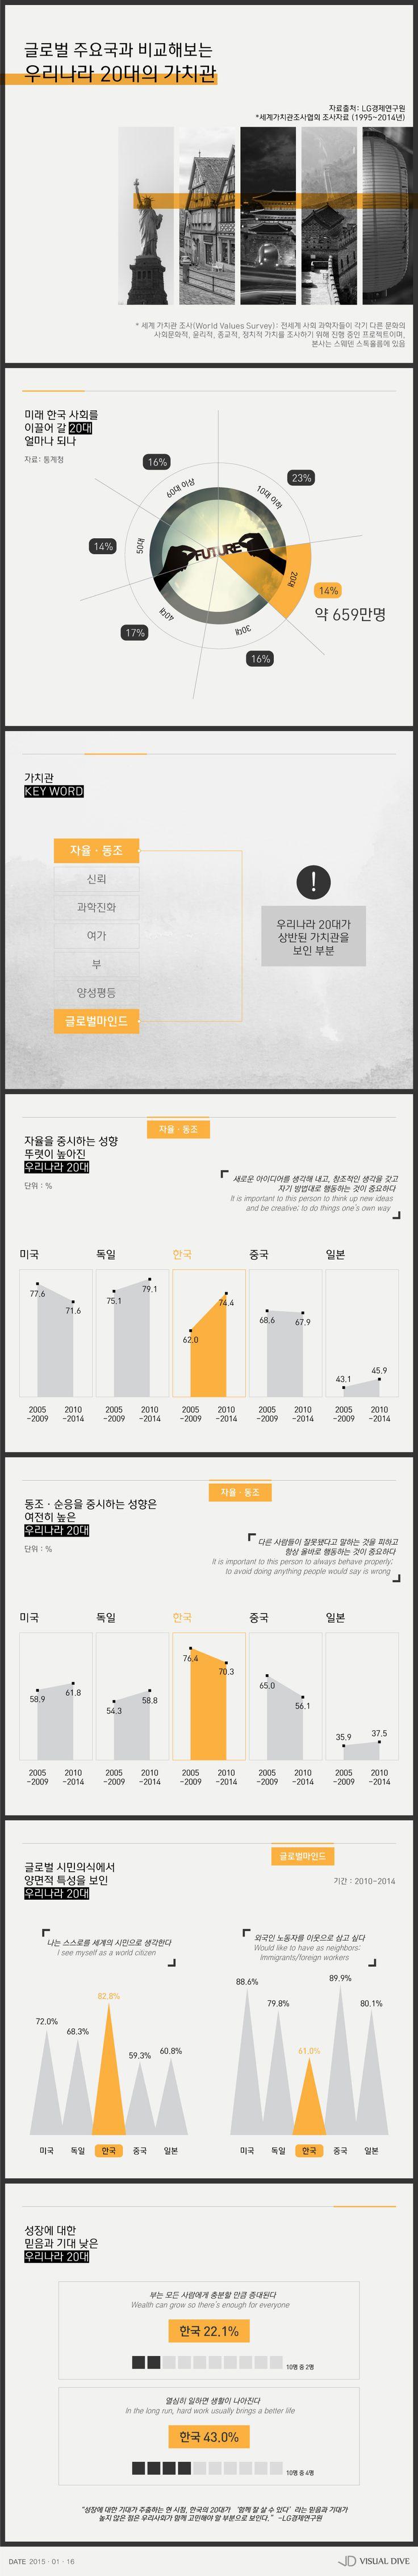 '자율 중요하고, 동조도 필요'…한국 20대들의 가치관 [인포그래픽] #values / #Infographic ⓒ 비주얼다이브 무단 복사·전재·재배포 금지